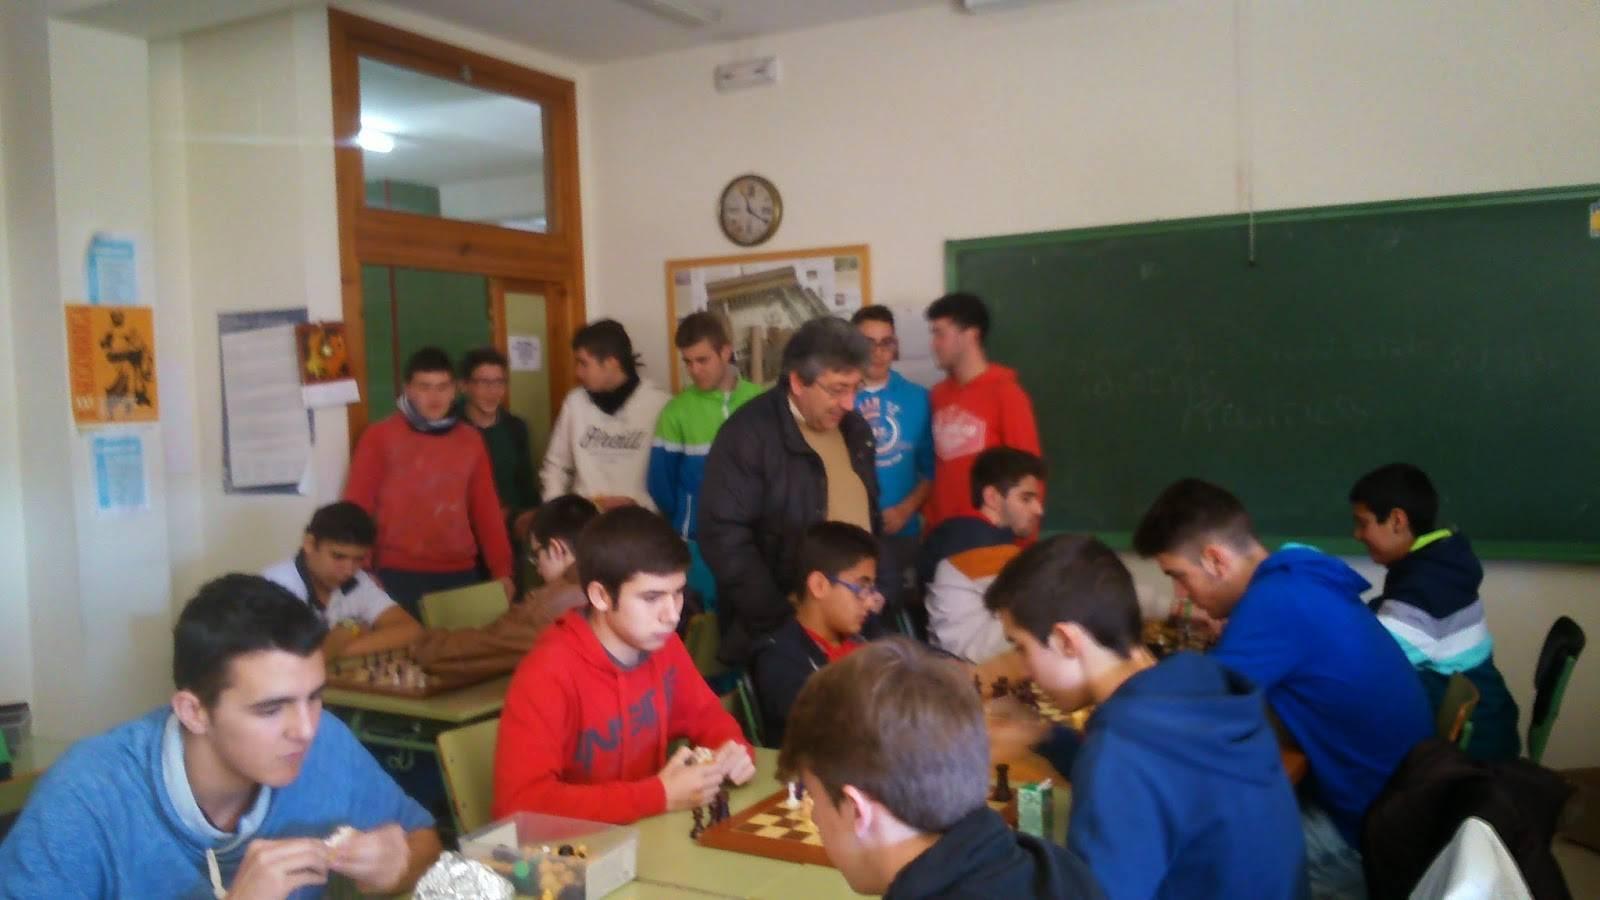 I Campeonato de ajedrez Anthropos3 - Ánthropos está organizando su I Campeonato de Ajedrez en el IES Hermógenes Rodríguez